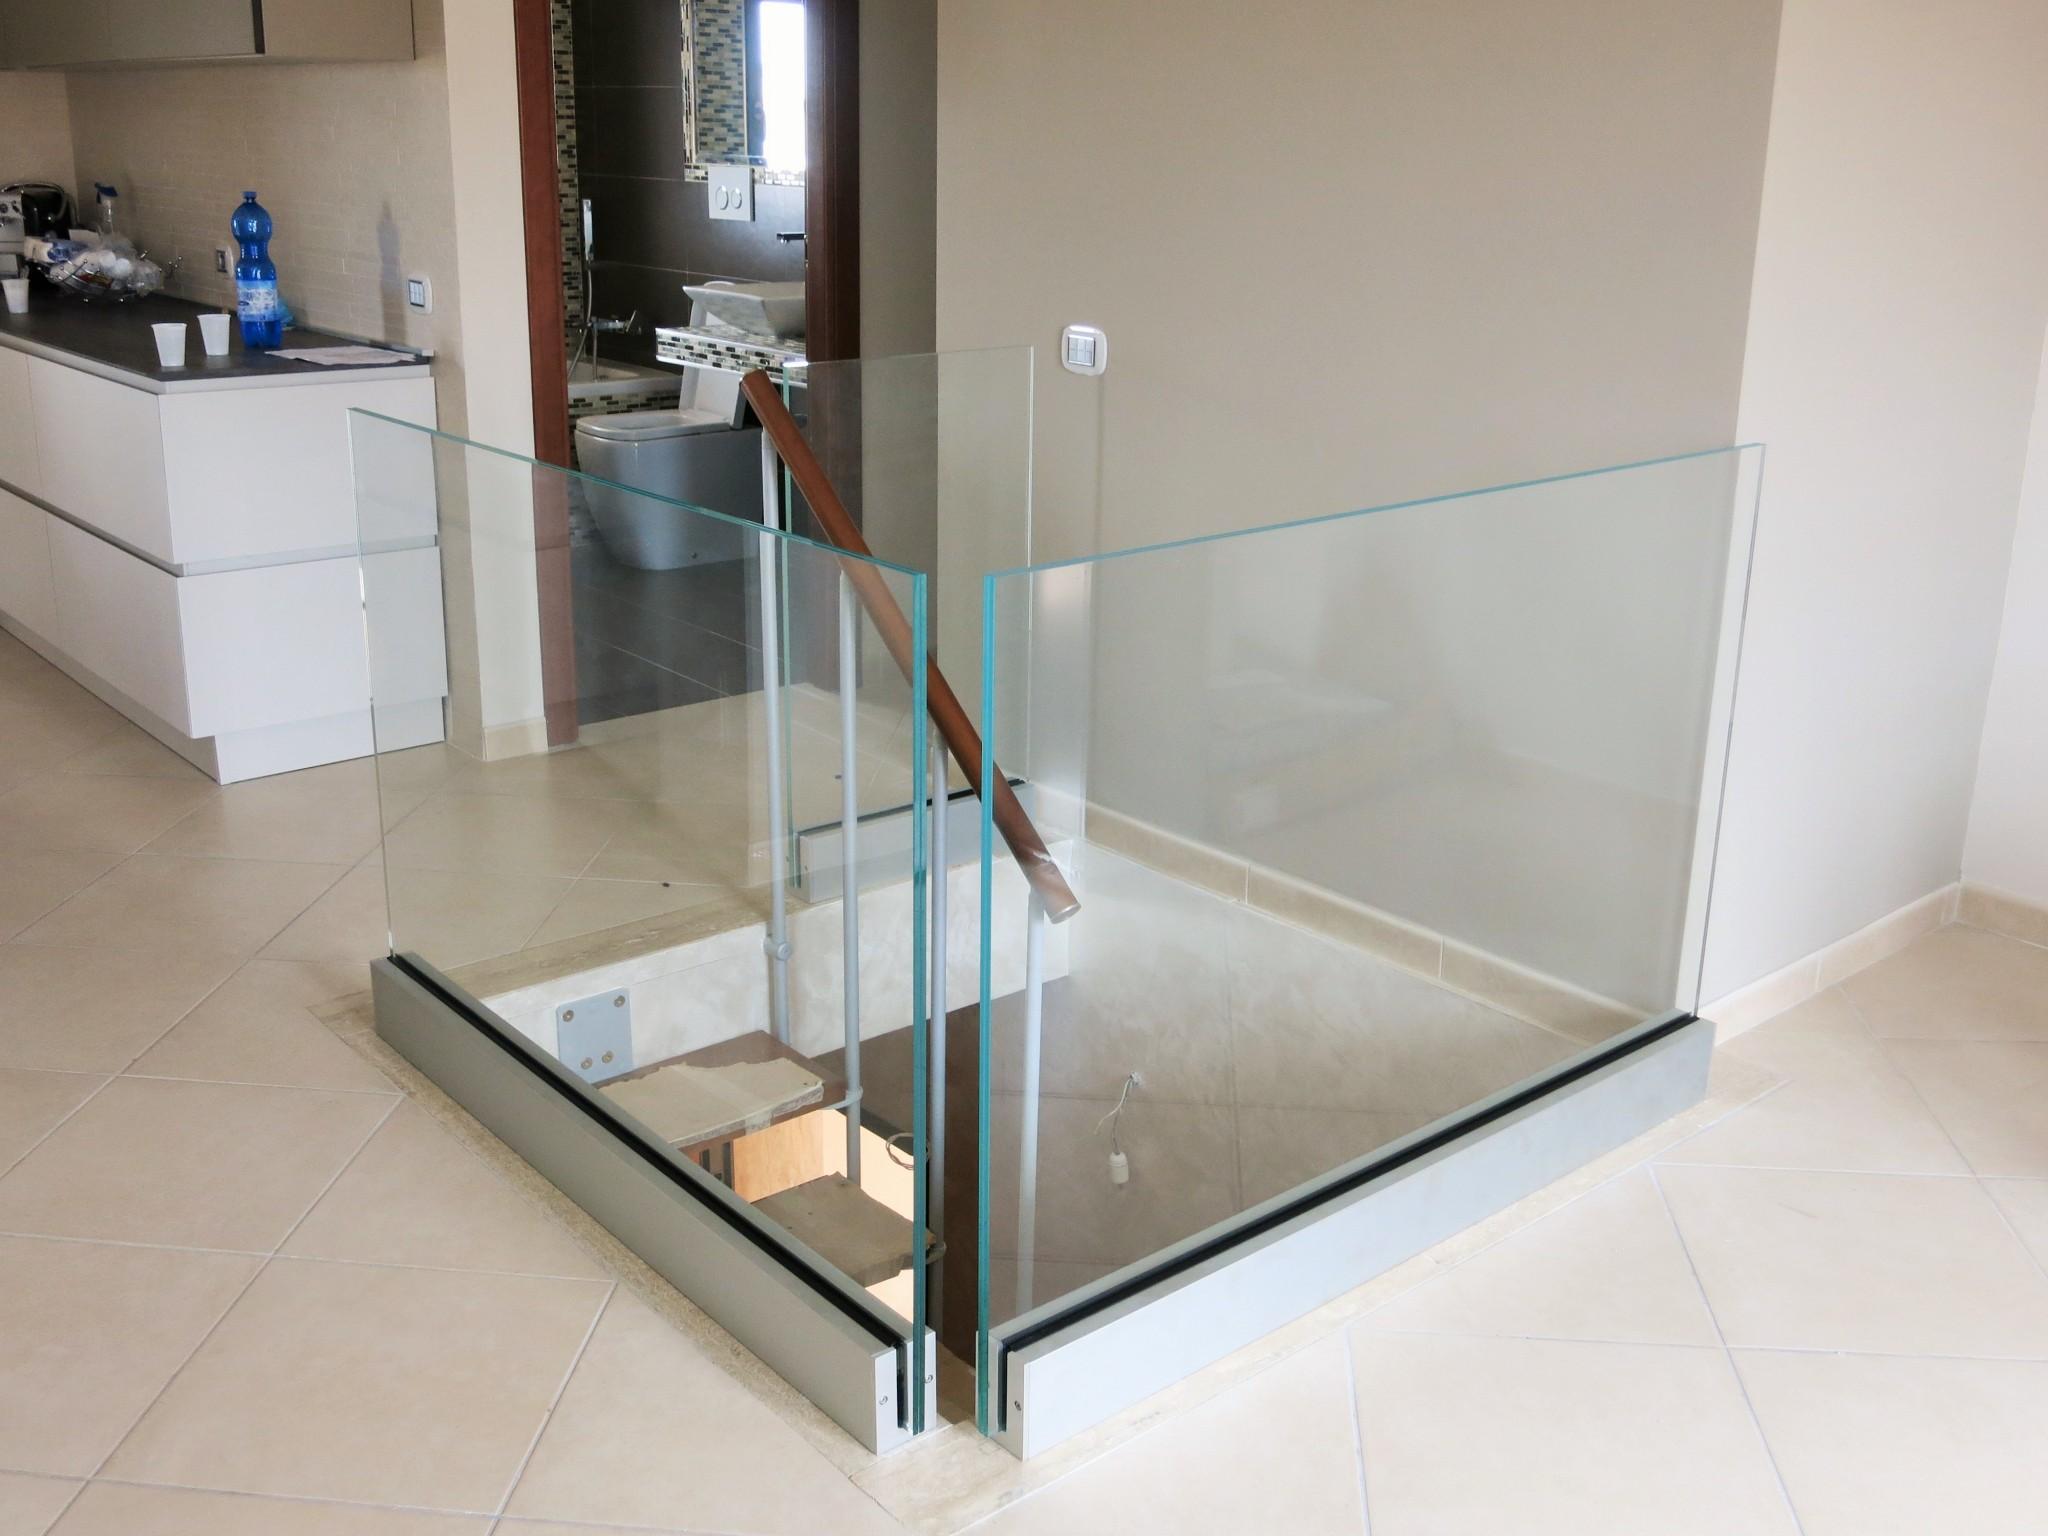 Balaustra su misura in cristallo temperato stratificato - Roma - VetroeXpert - Balaustre Parapetti Recinzioni